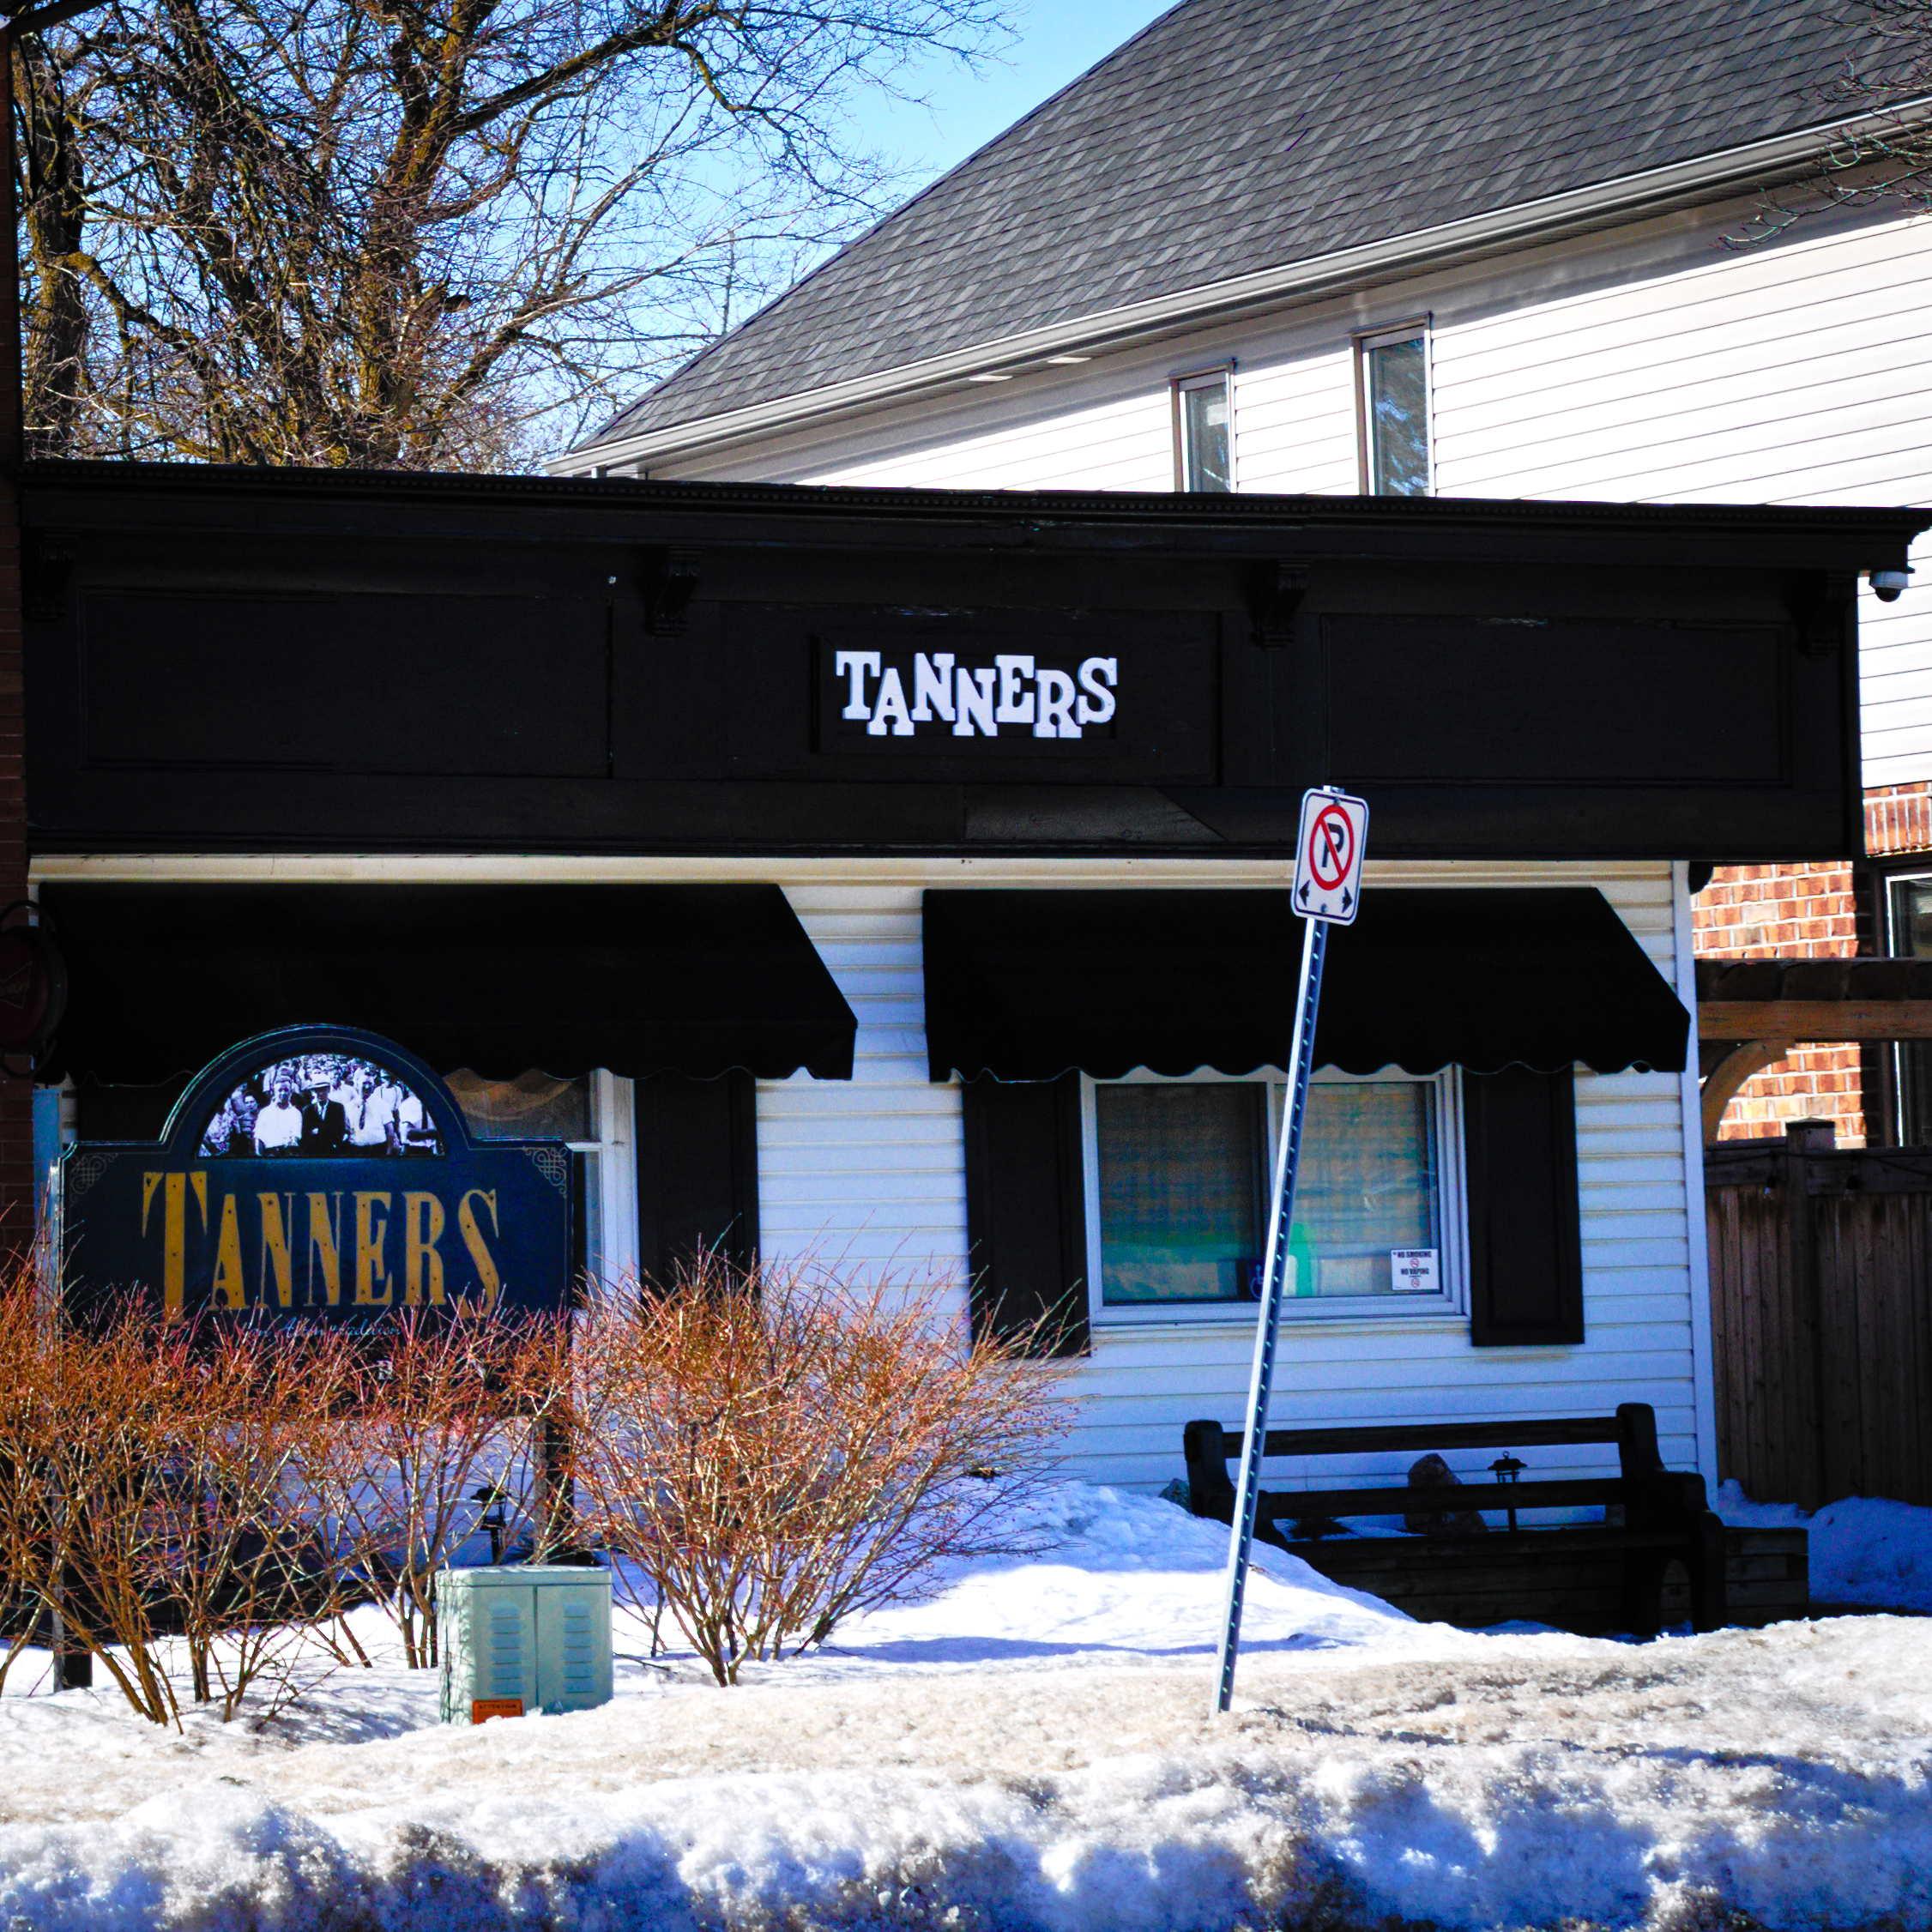 Tanner's Restaurant